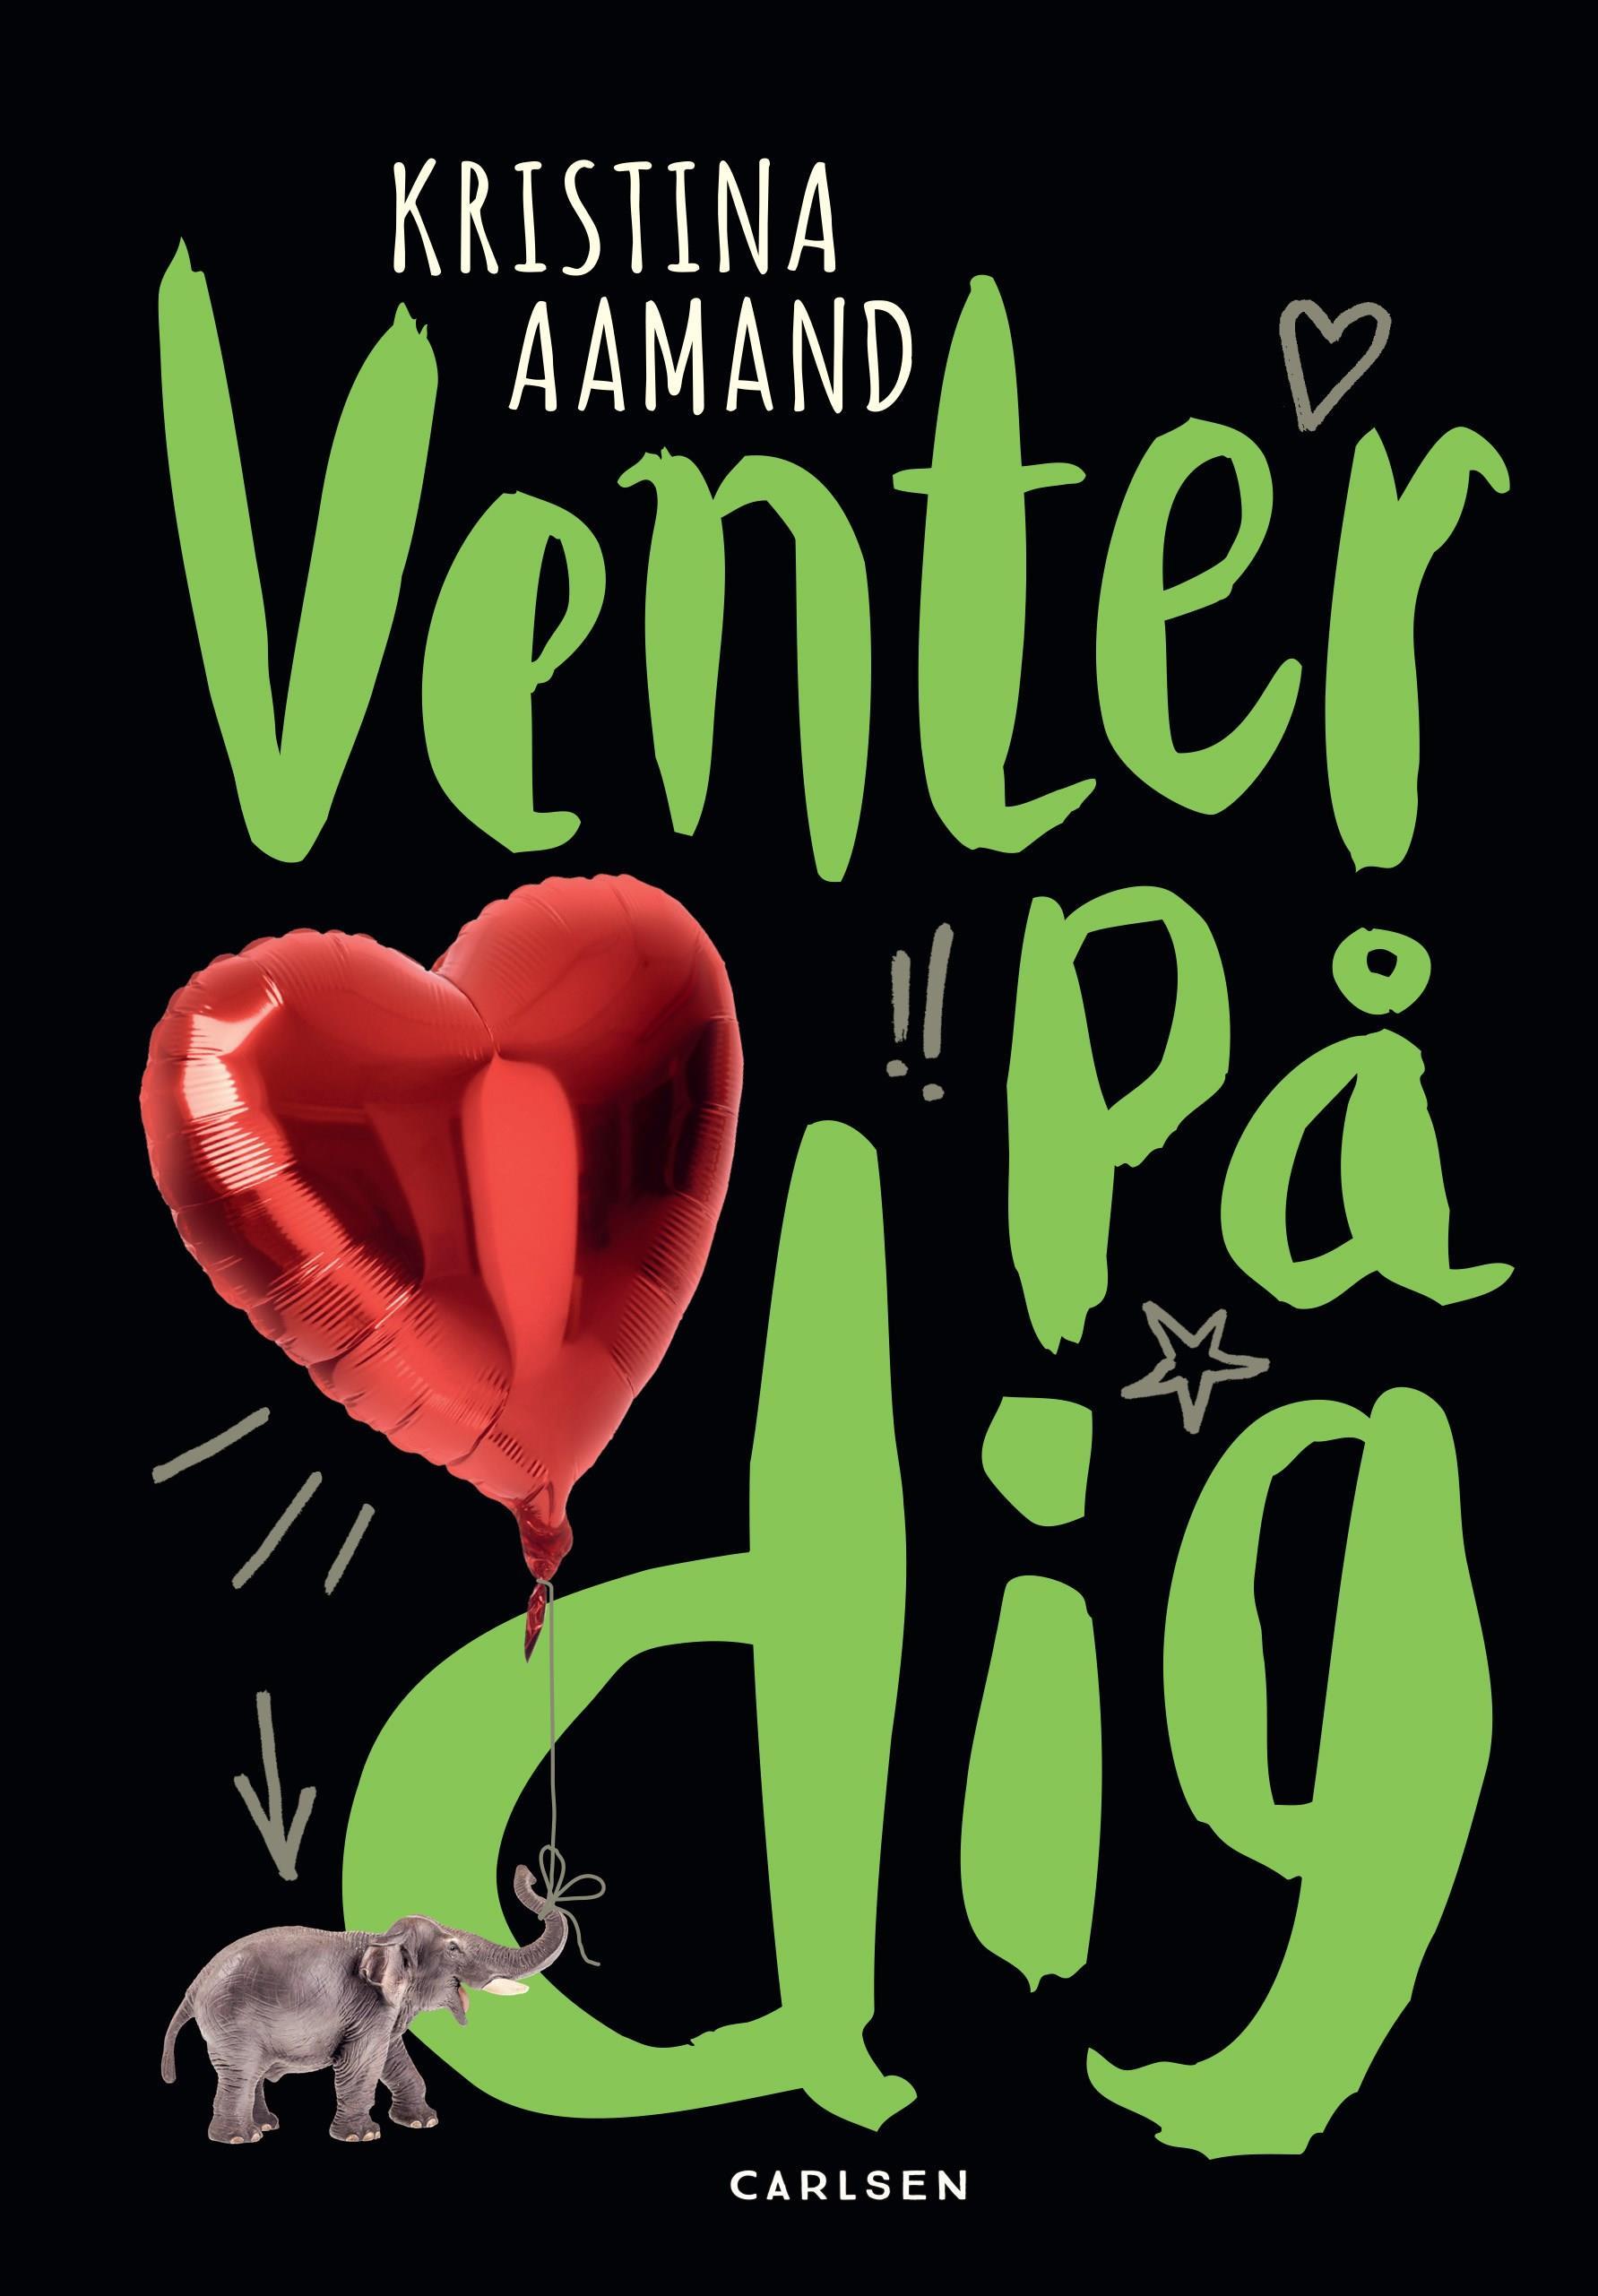 Et hjerte af pap: Hjerte af pap (5) - Venter på dig - Kristina Aamand - Bøger - CARLSEN - 9788711993293 - May 1, 2021